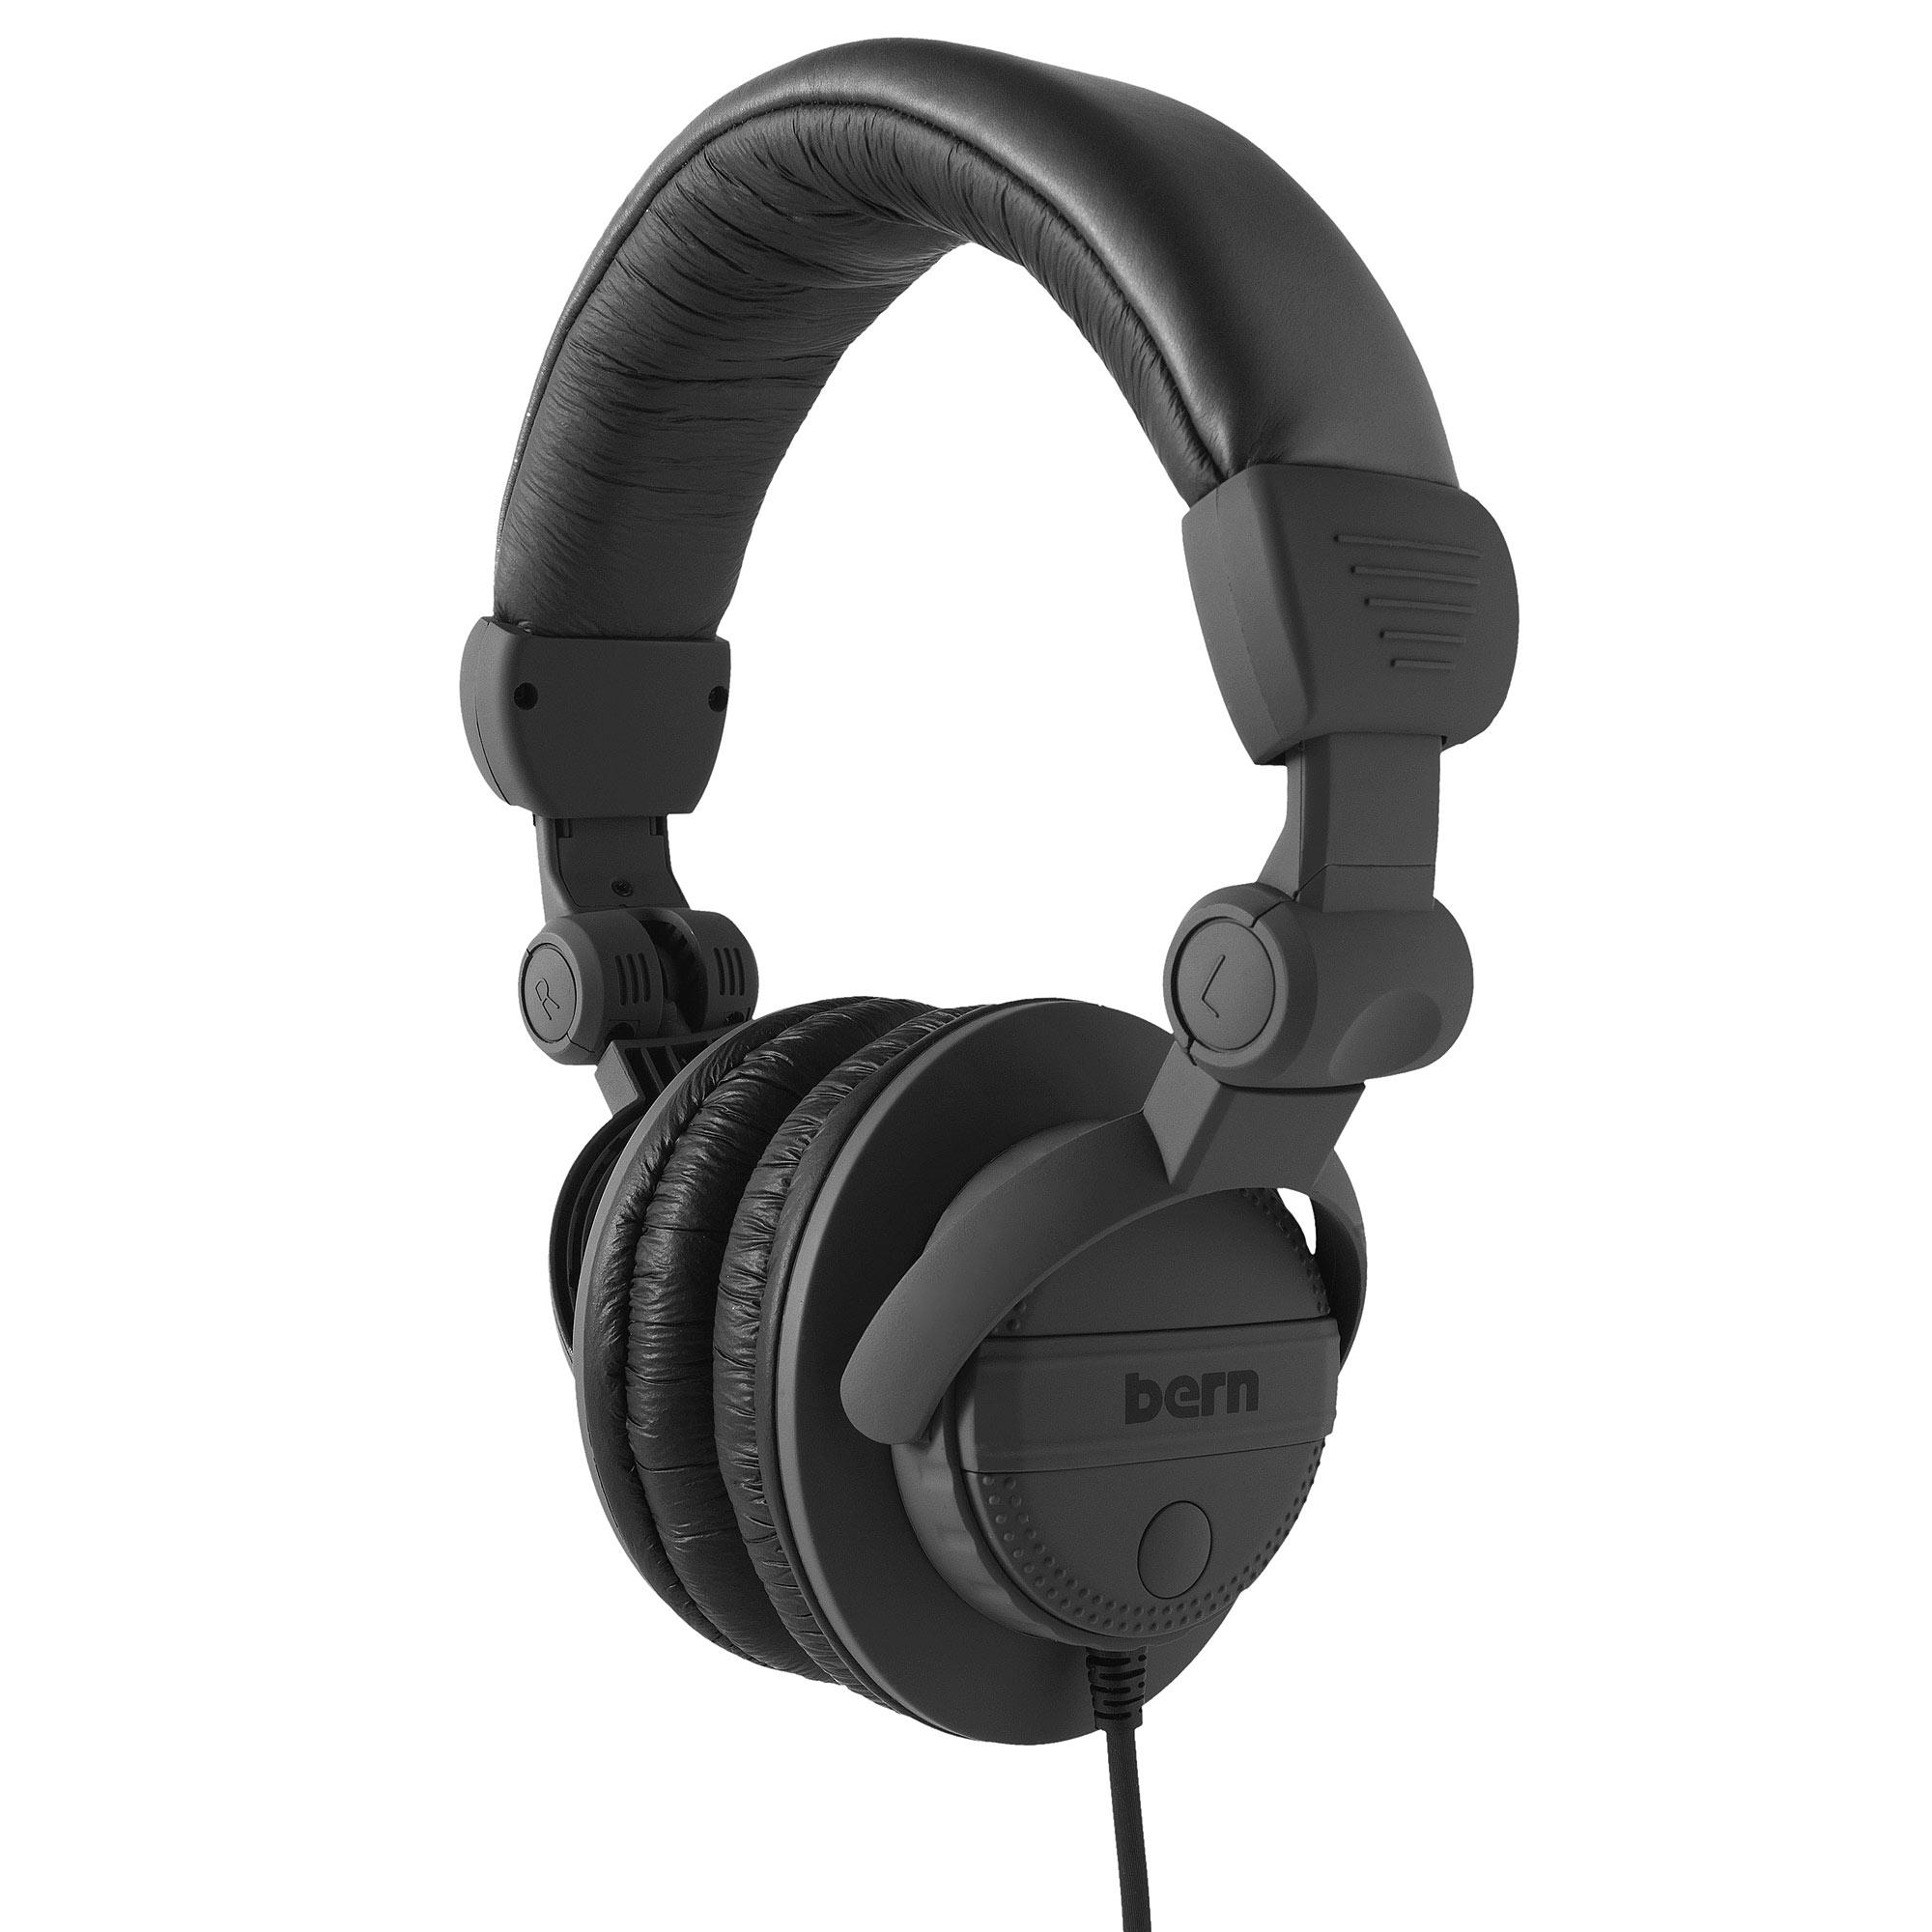 Sluchátka Bern Dj Style black + doručení do 24 hodin